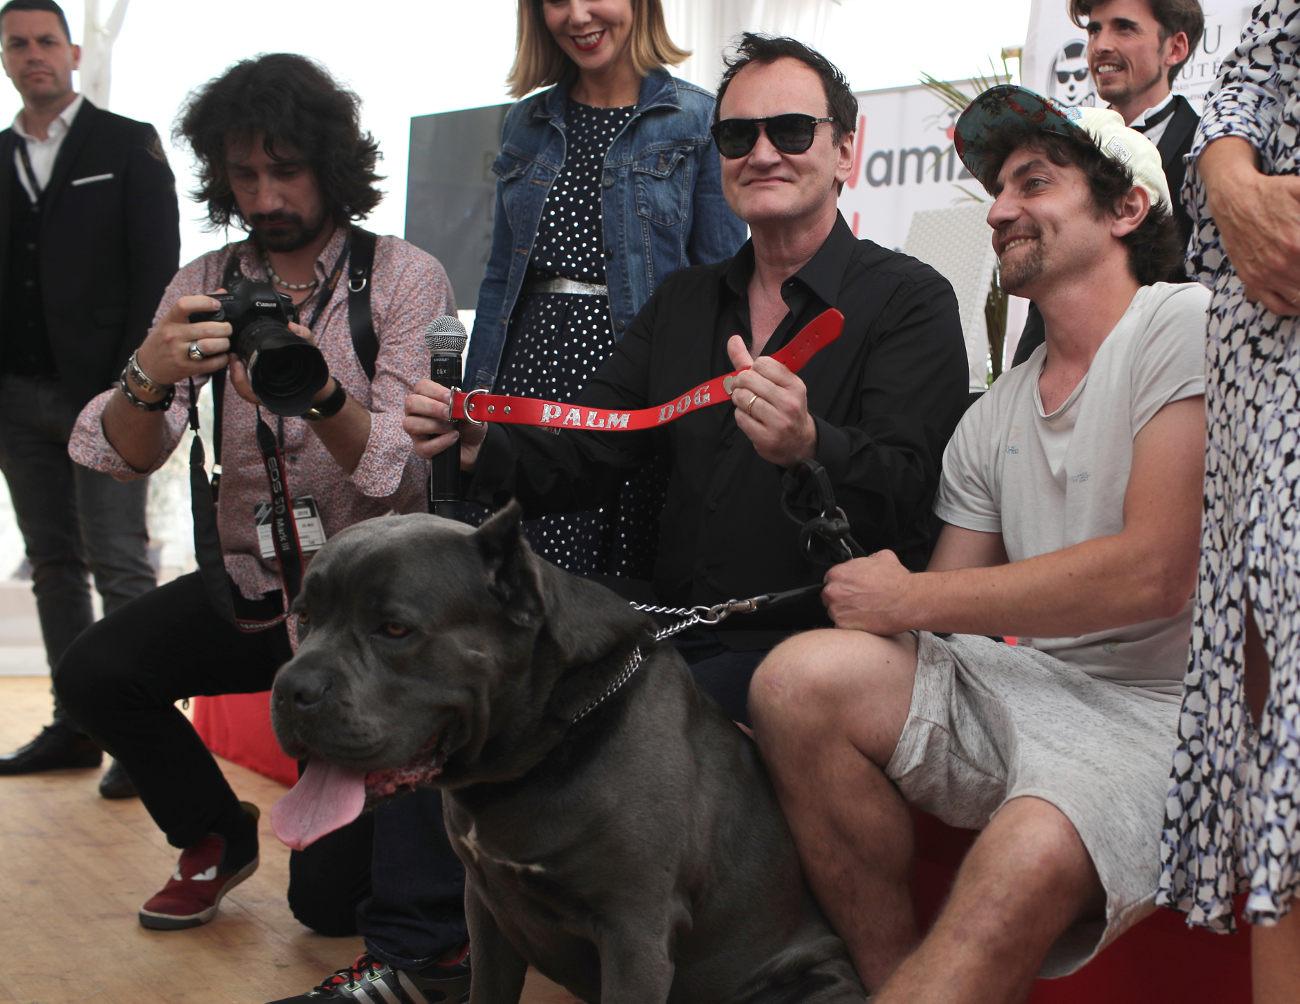 Η Μπράντι, η σκυλίτσα που πρωταγωνιστεί στην ταινία του Κουέντιν Ταραντίνο